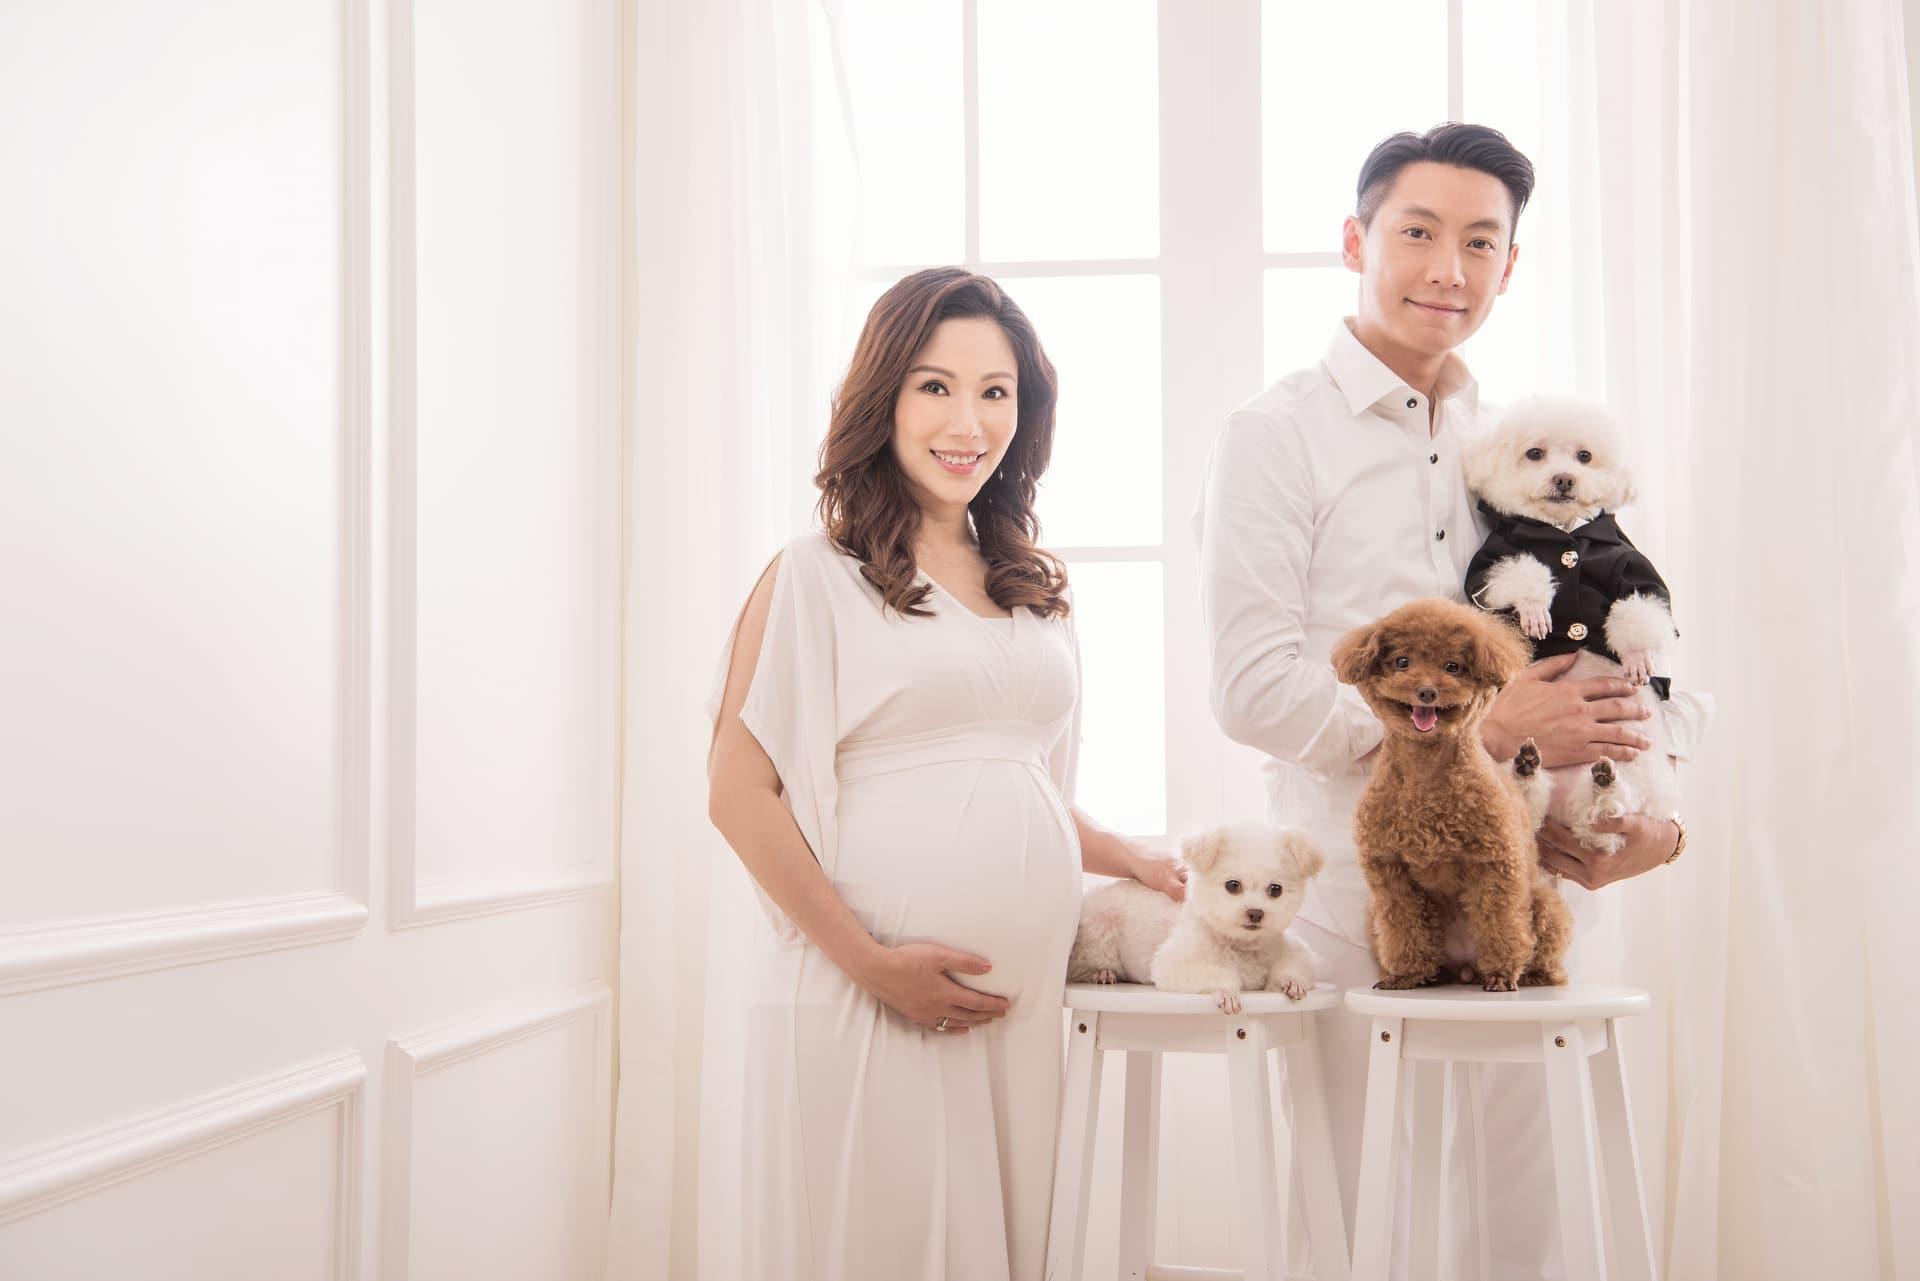 pregnancy promo 15